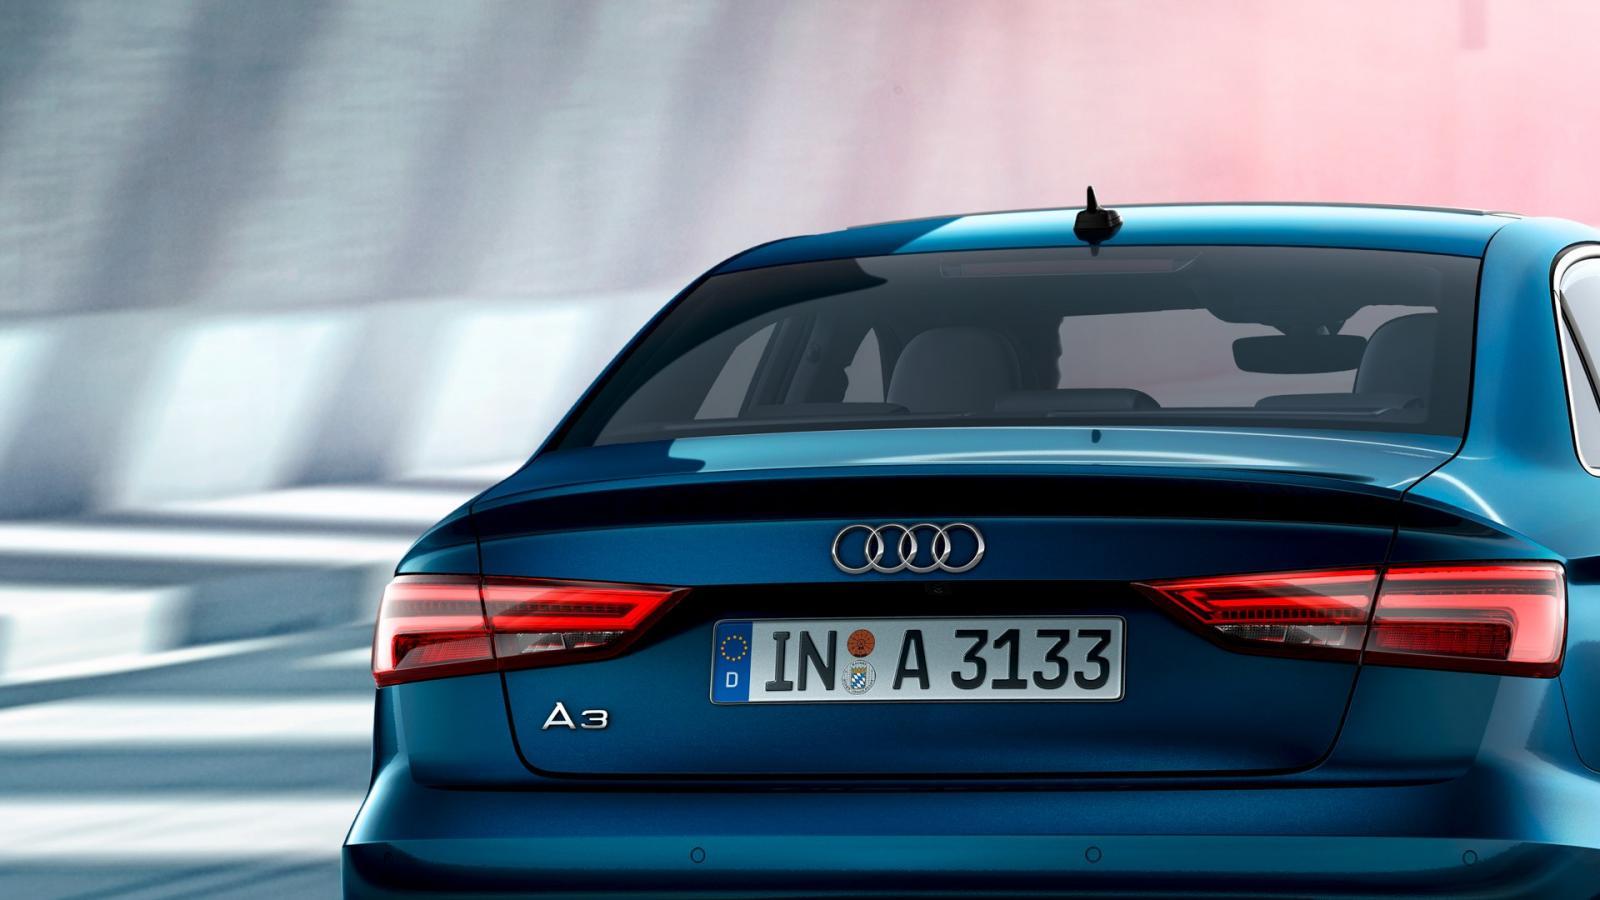 Audi A3 trasero